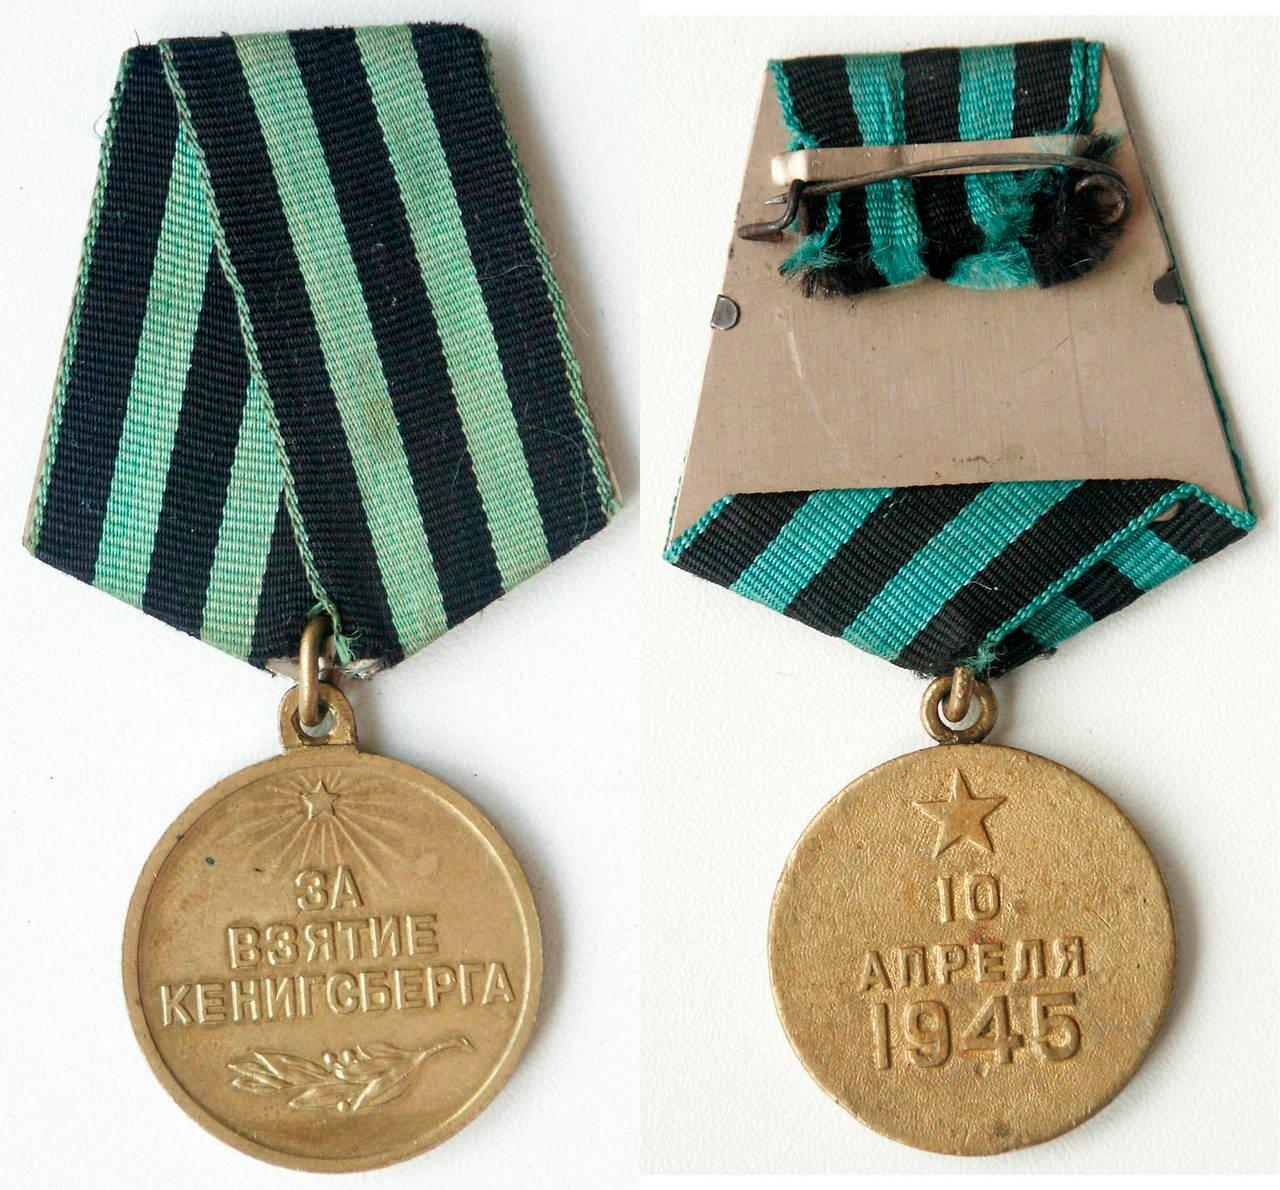 медаль за взятие кенигсберга фото тебя полное